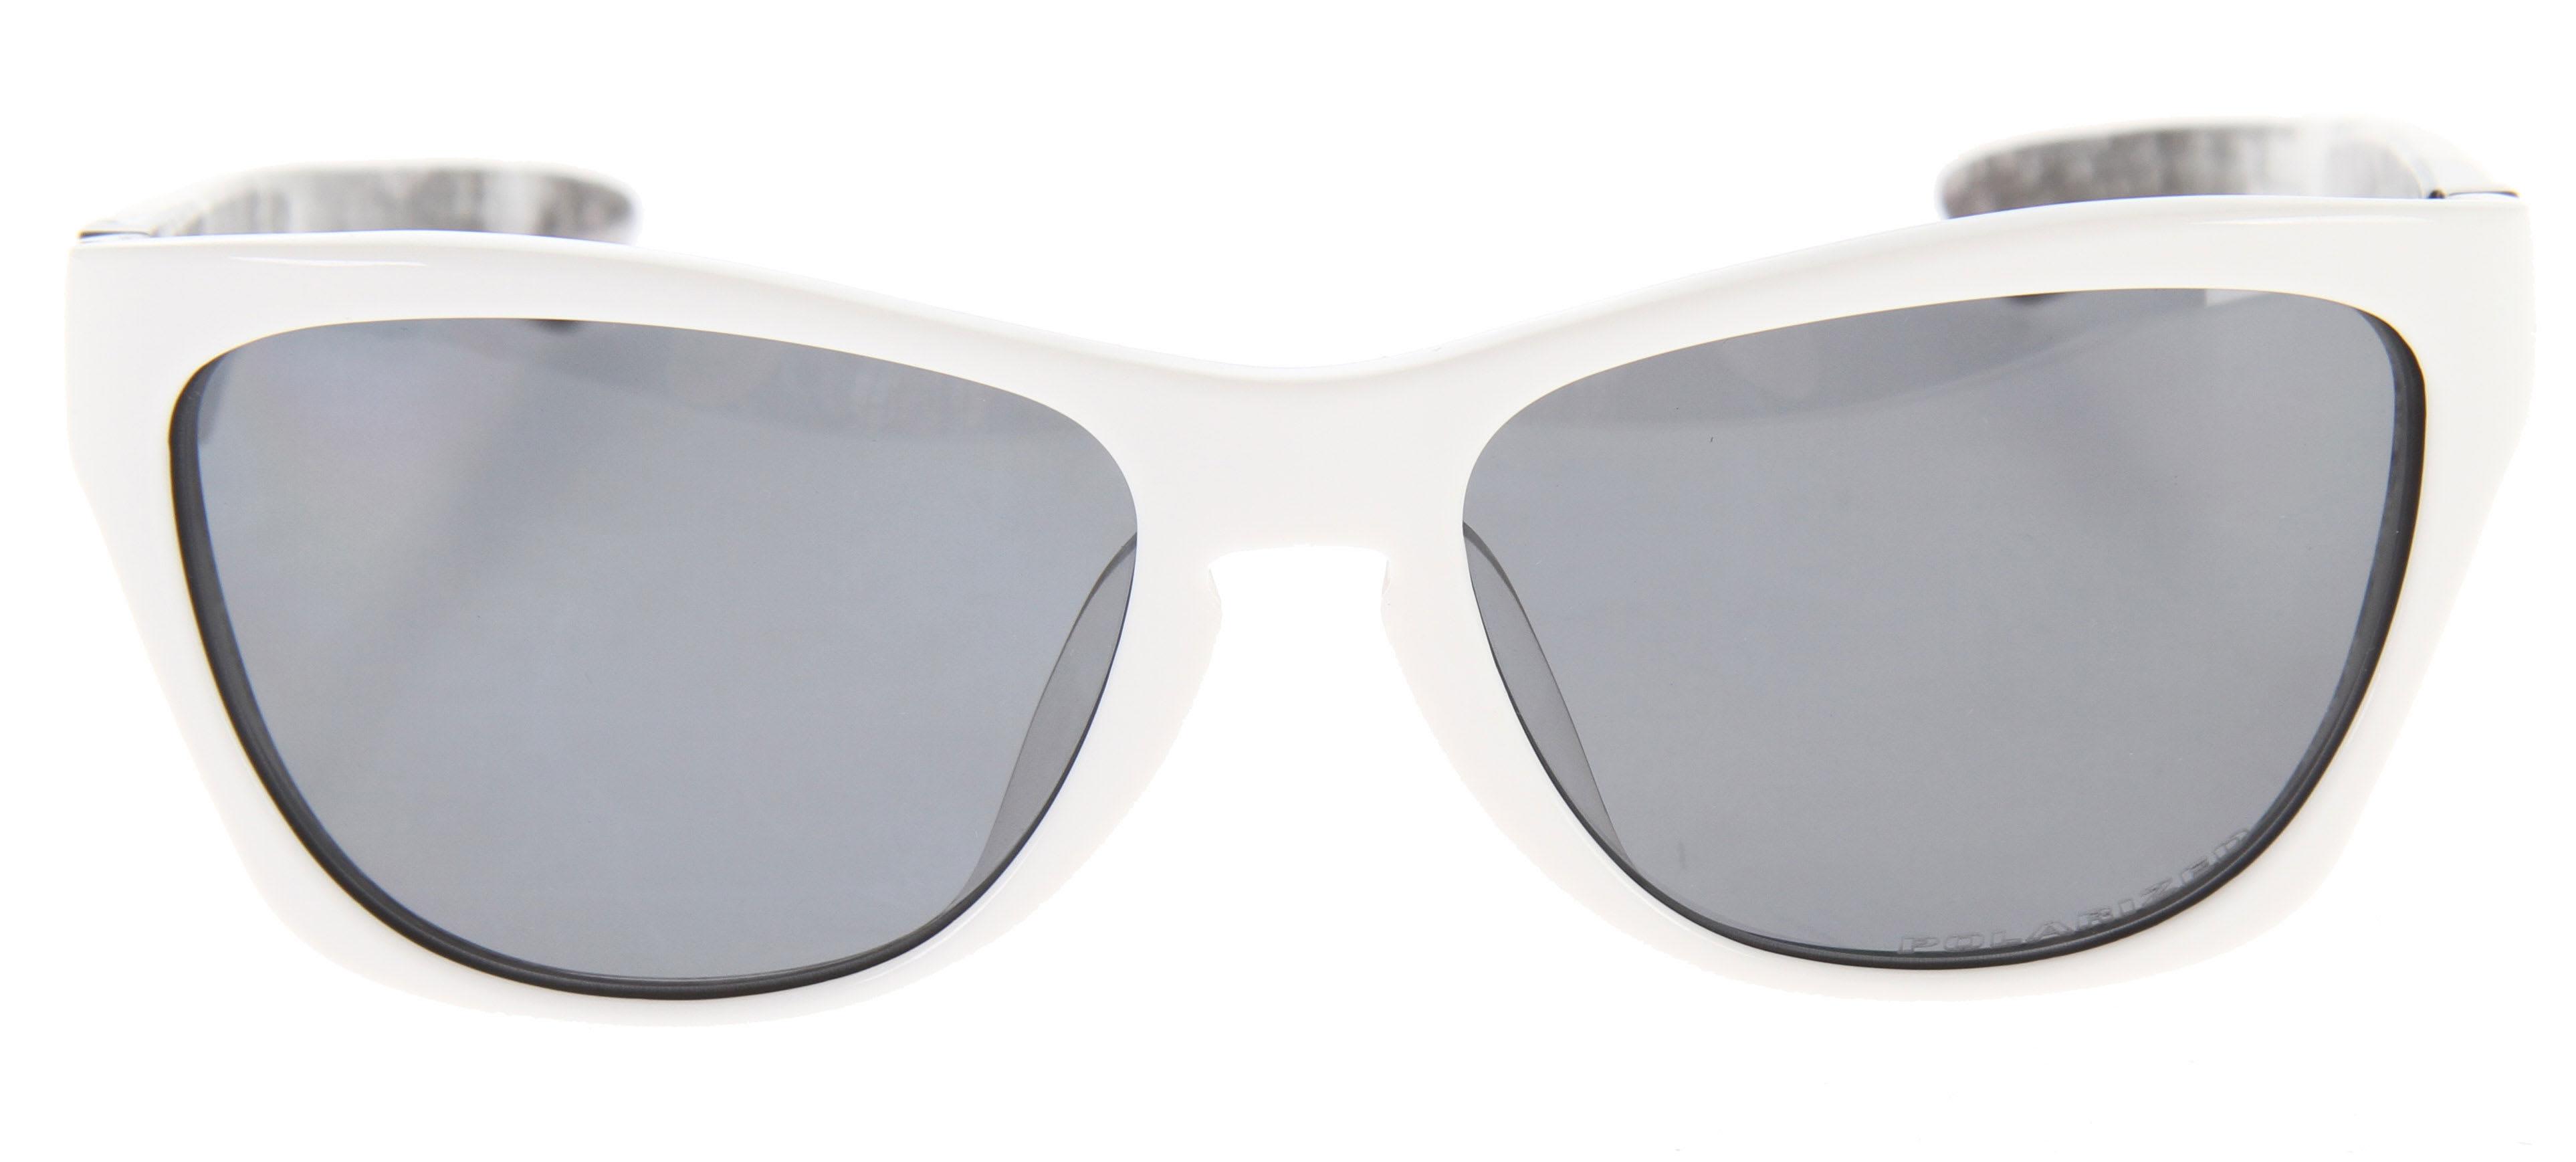 d80469c4c3 Oakley Jupiter LX Sunglasses - thumbnail 2